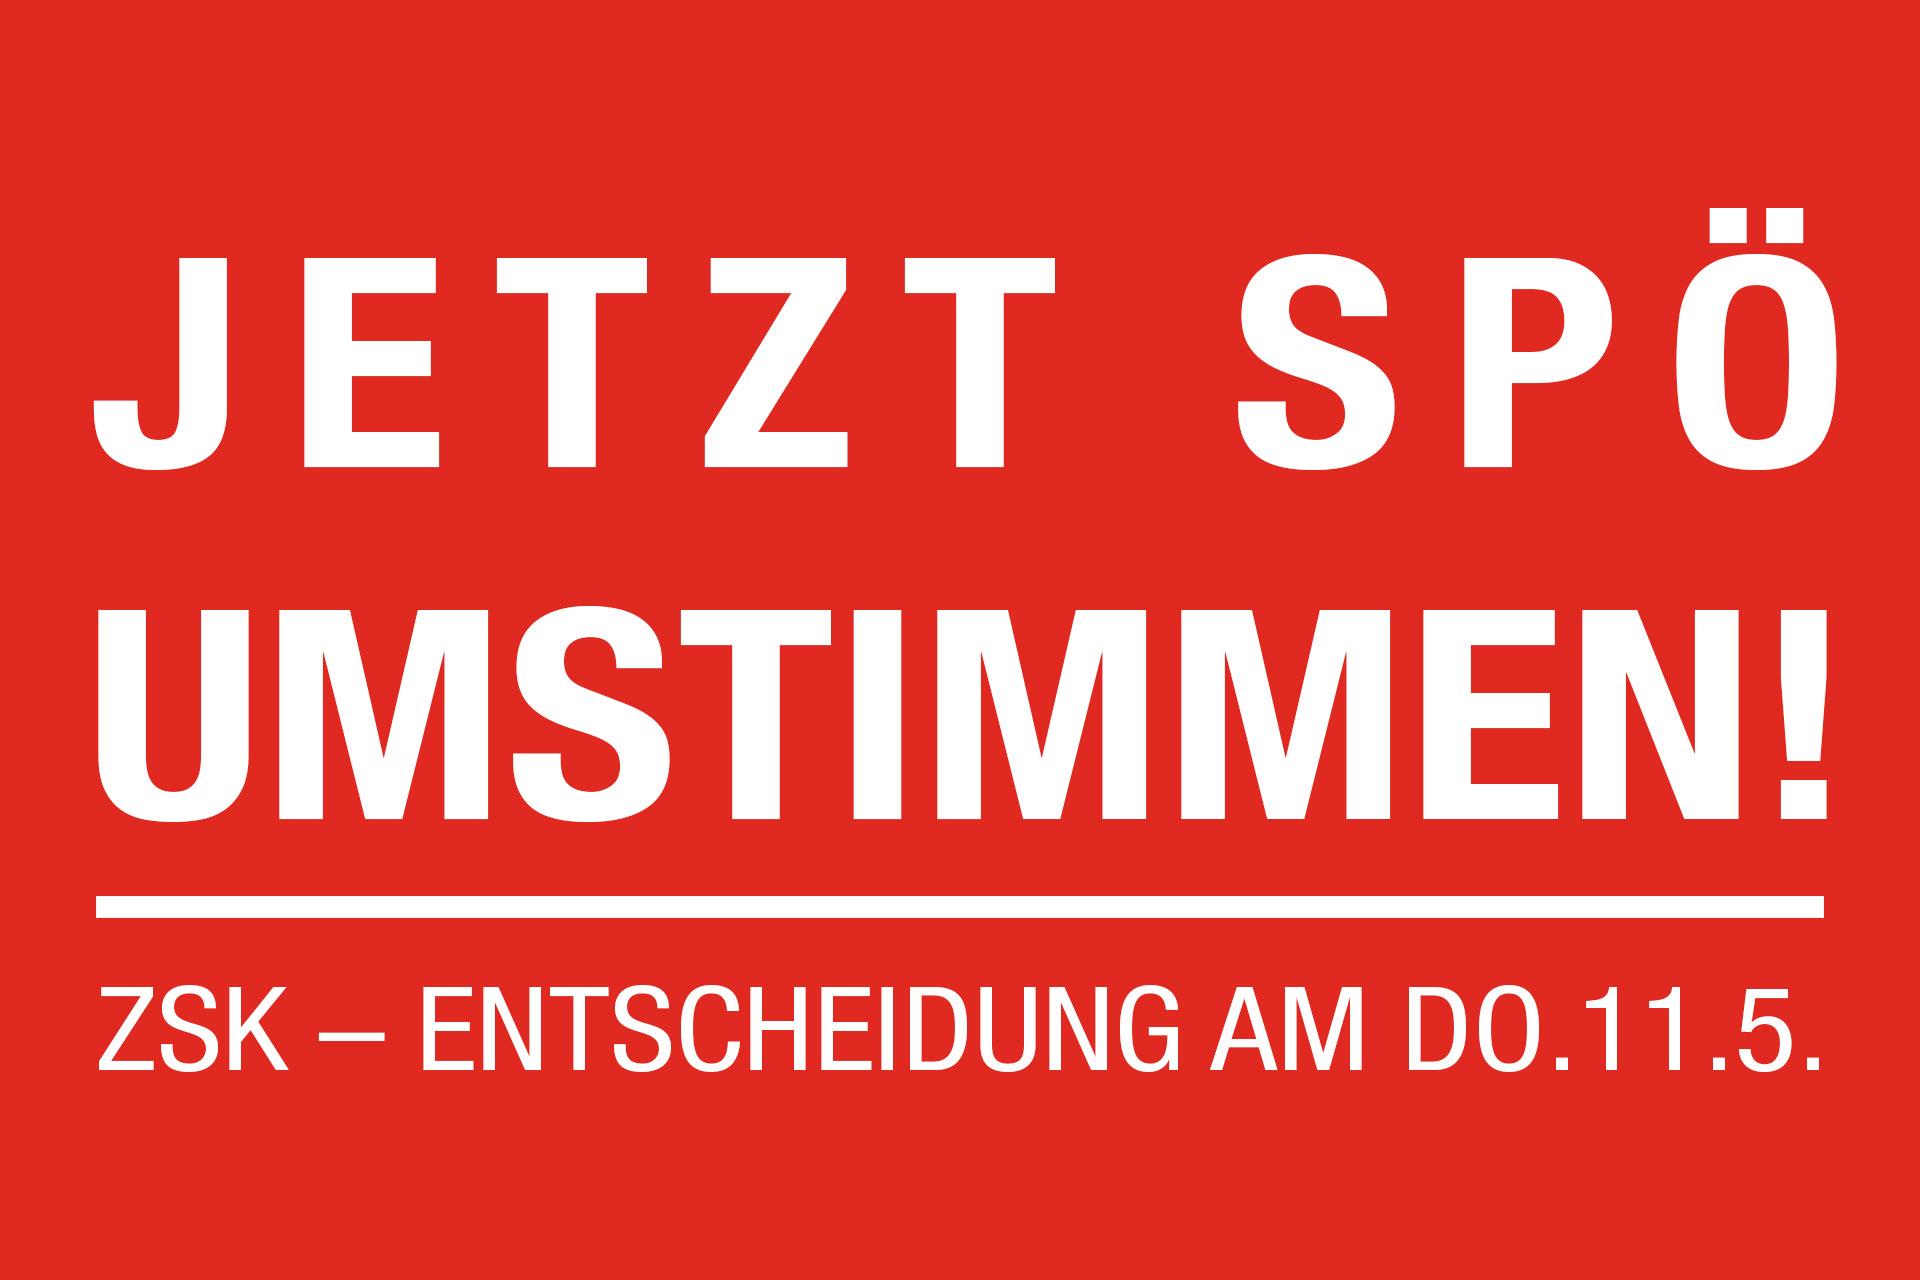 Jetzt SPÖ umstimmen!